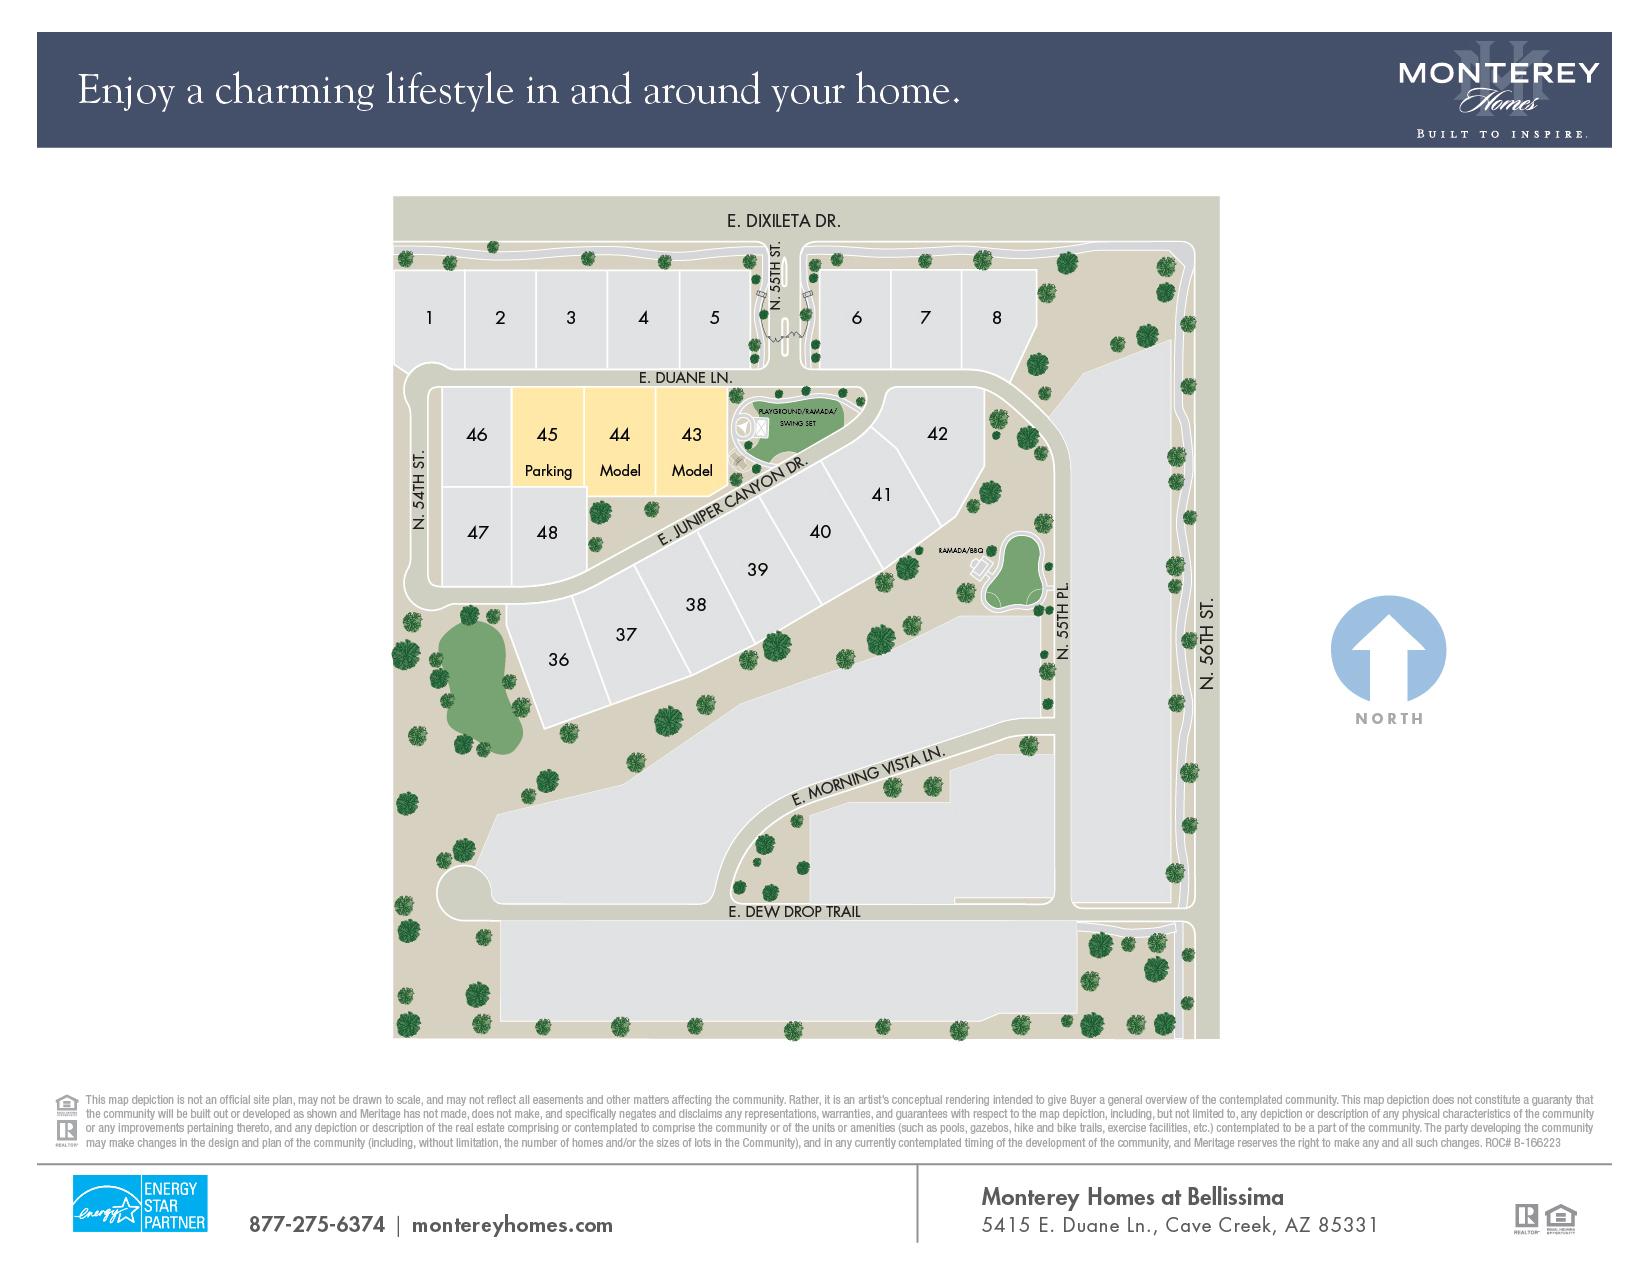 100 casita plans for backyard backyard drive in backyard